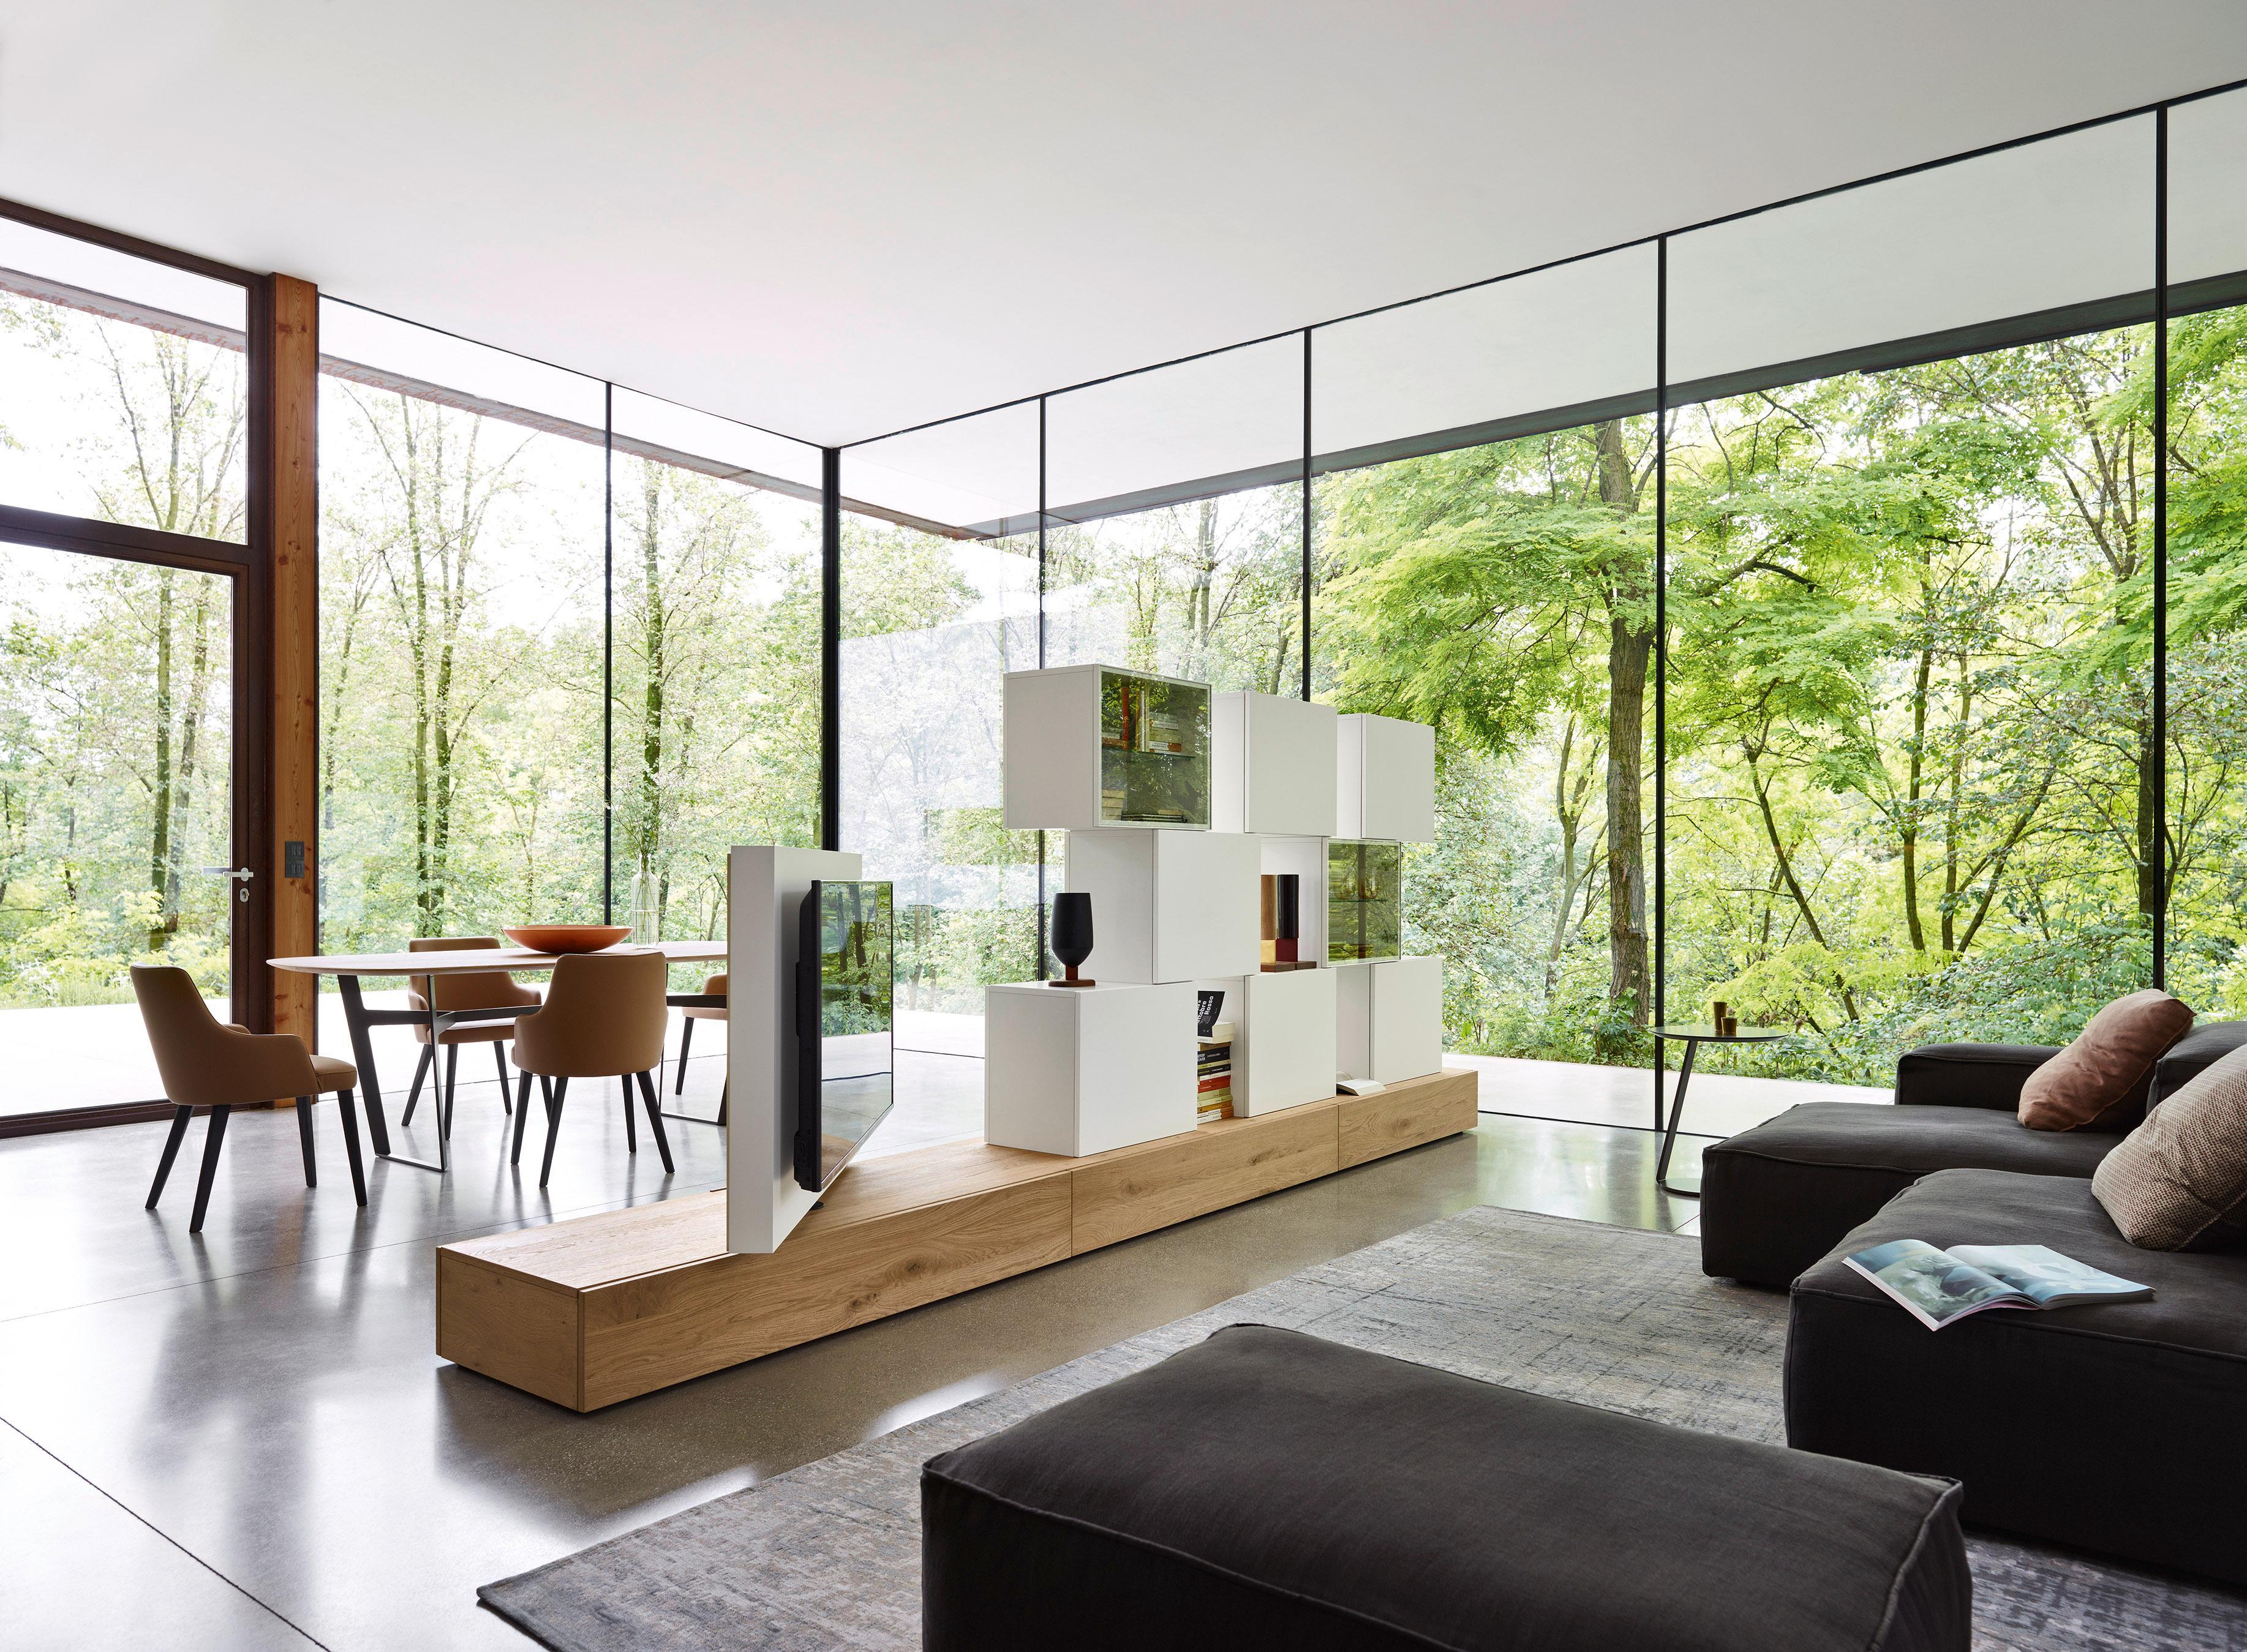 Livitalia Design Wohnwand C46 #Wohnzimmer #Tvmöbel #